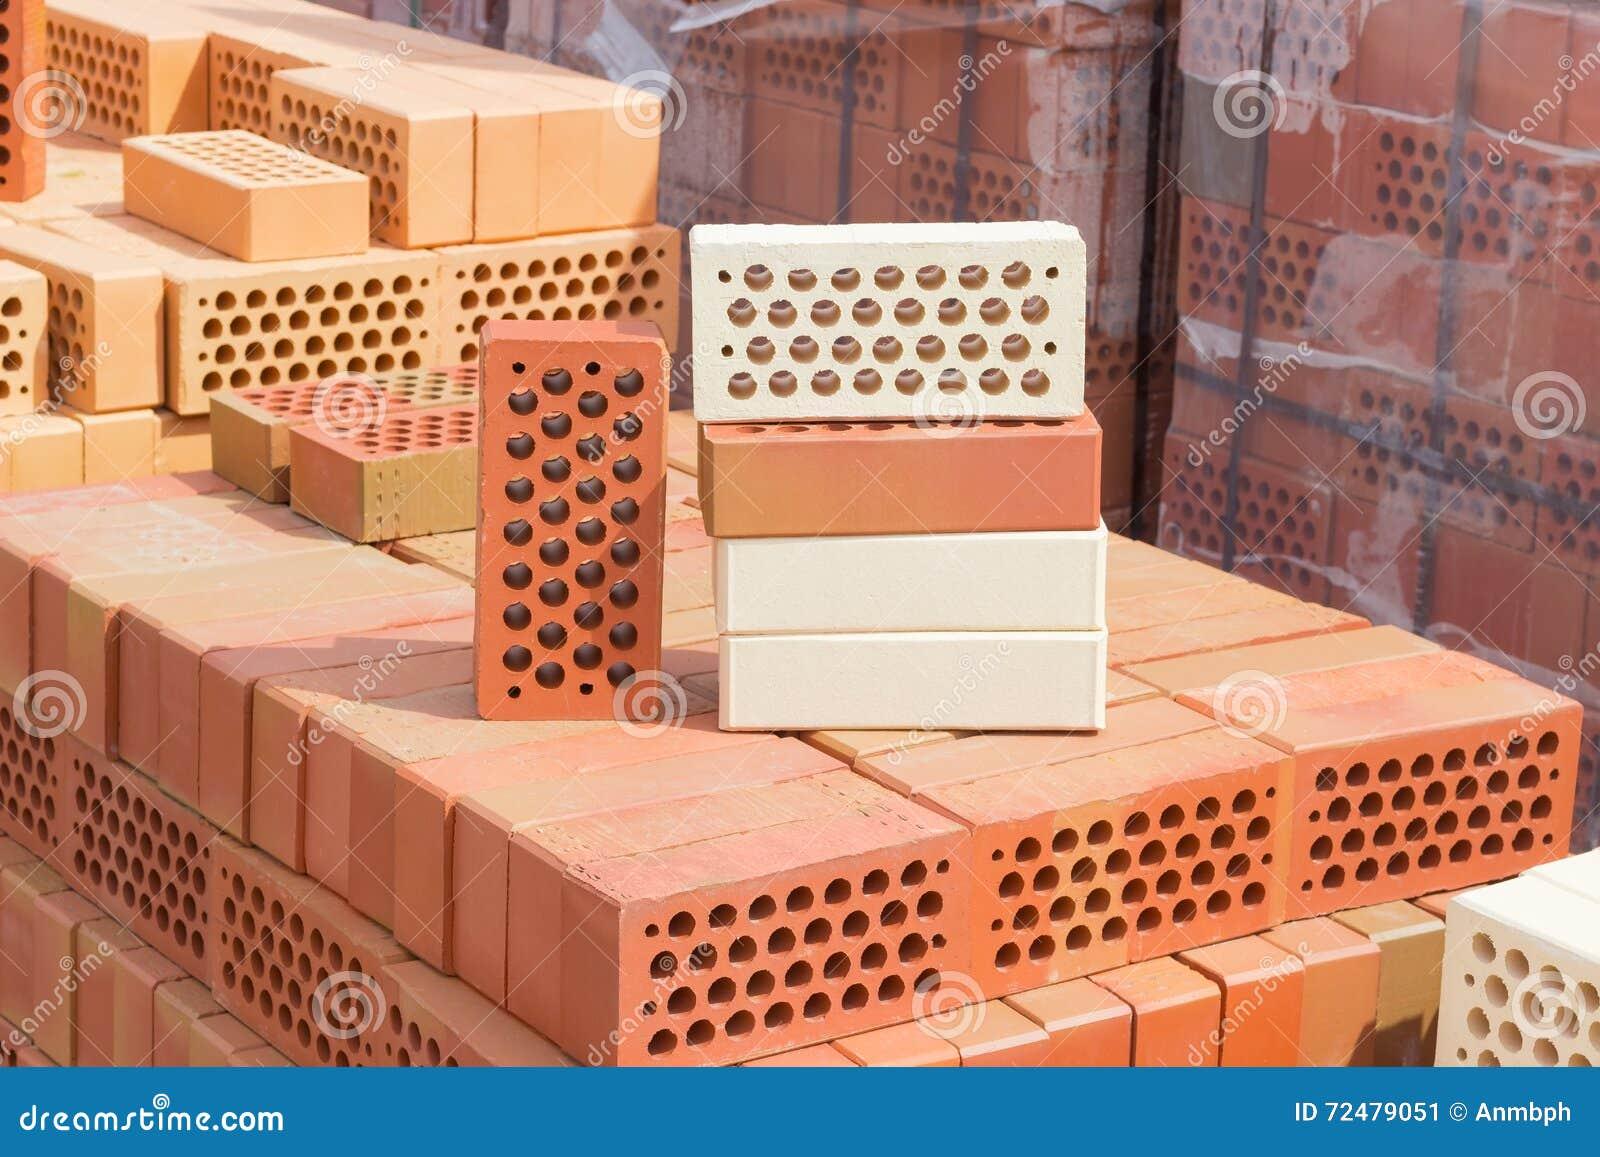 Plusieurs Briques Perfor Es De Diff Rentes Couleurs Avec Les Trous Ronds Photo Stock Image